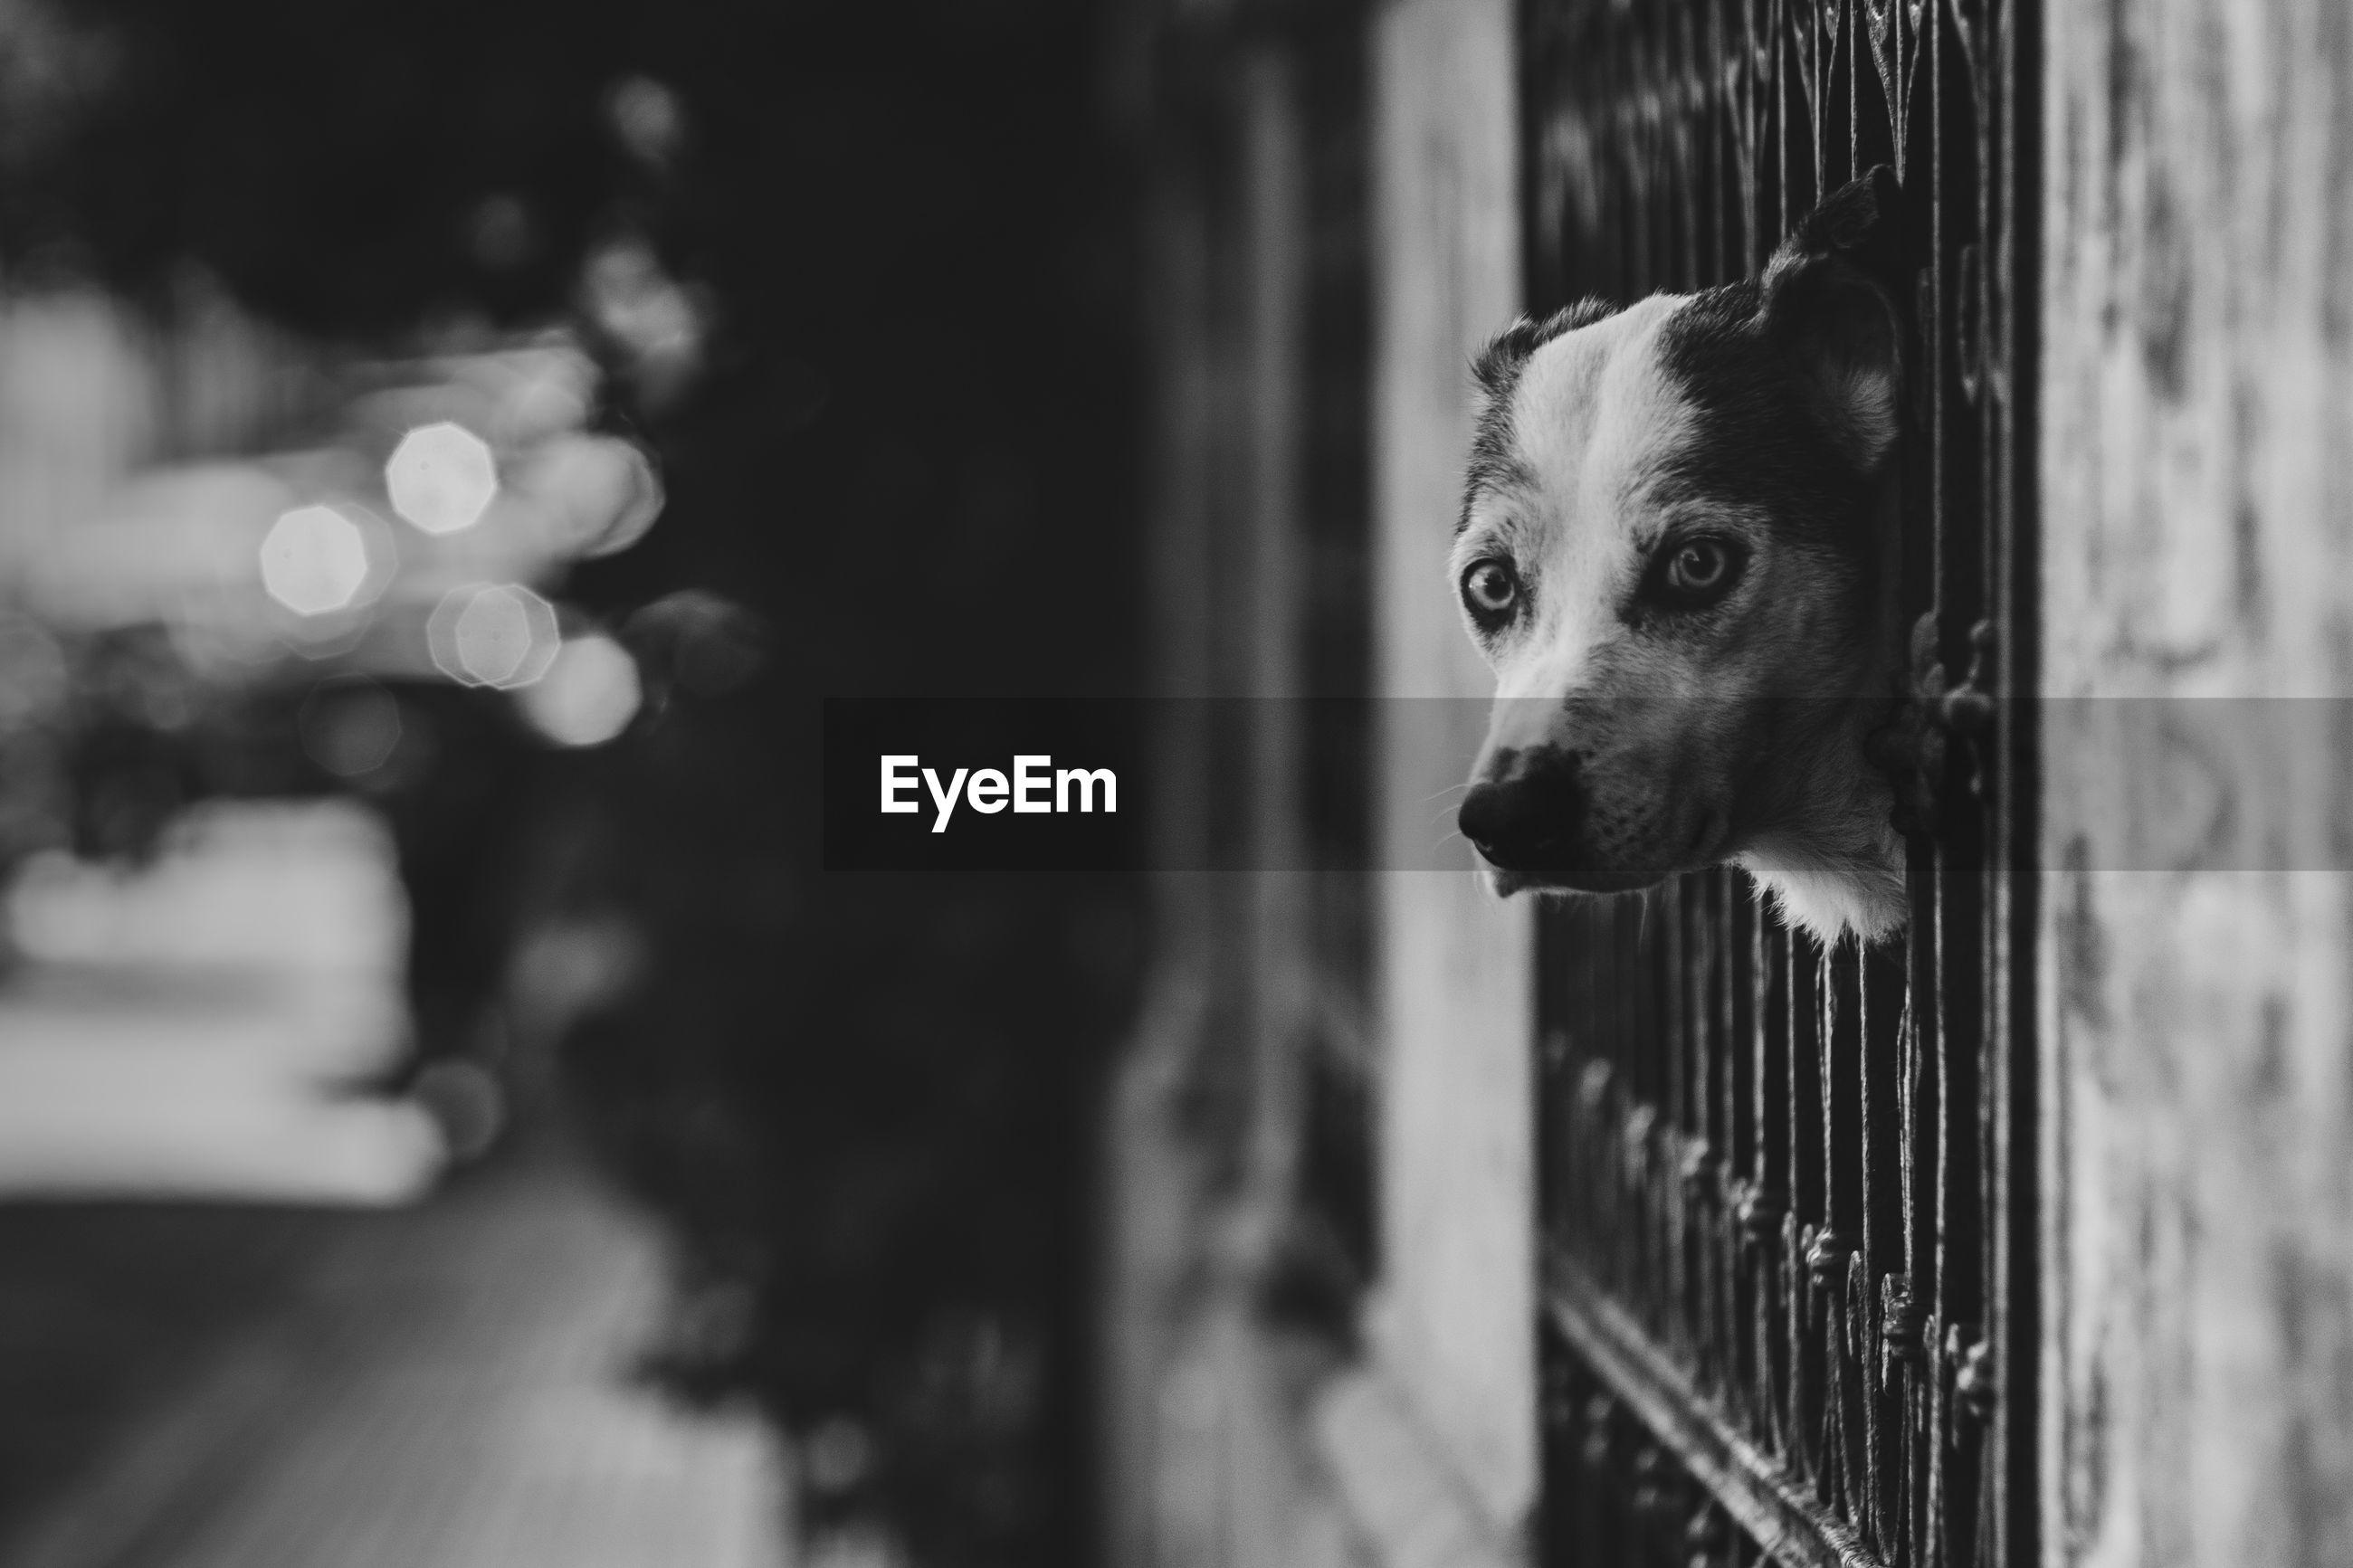 Dog peeping through railing